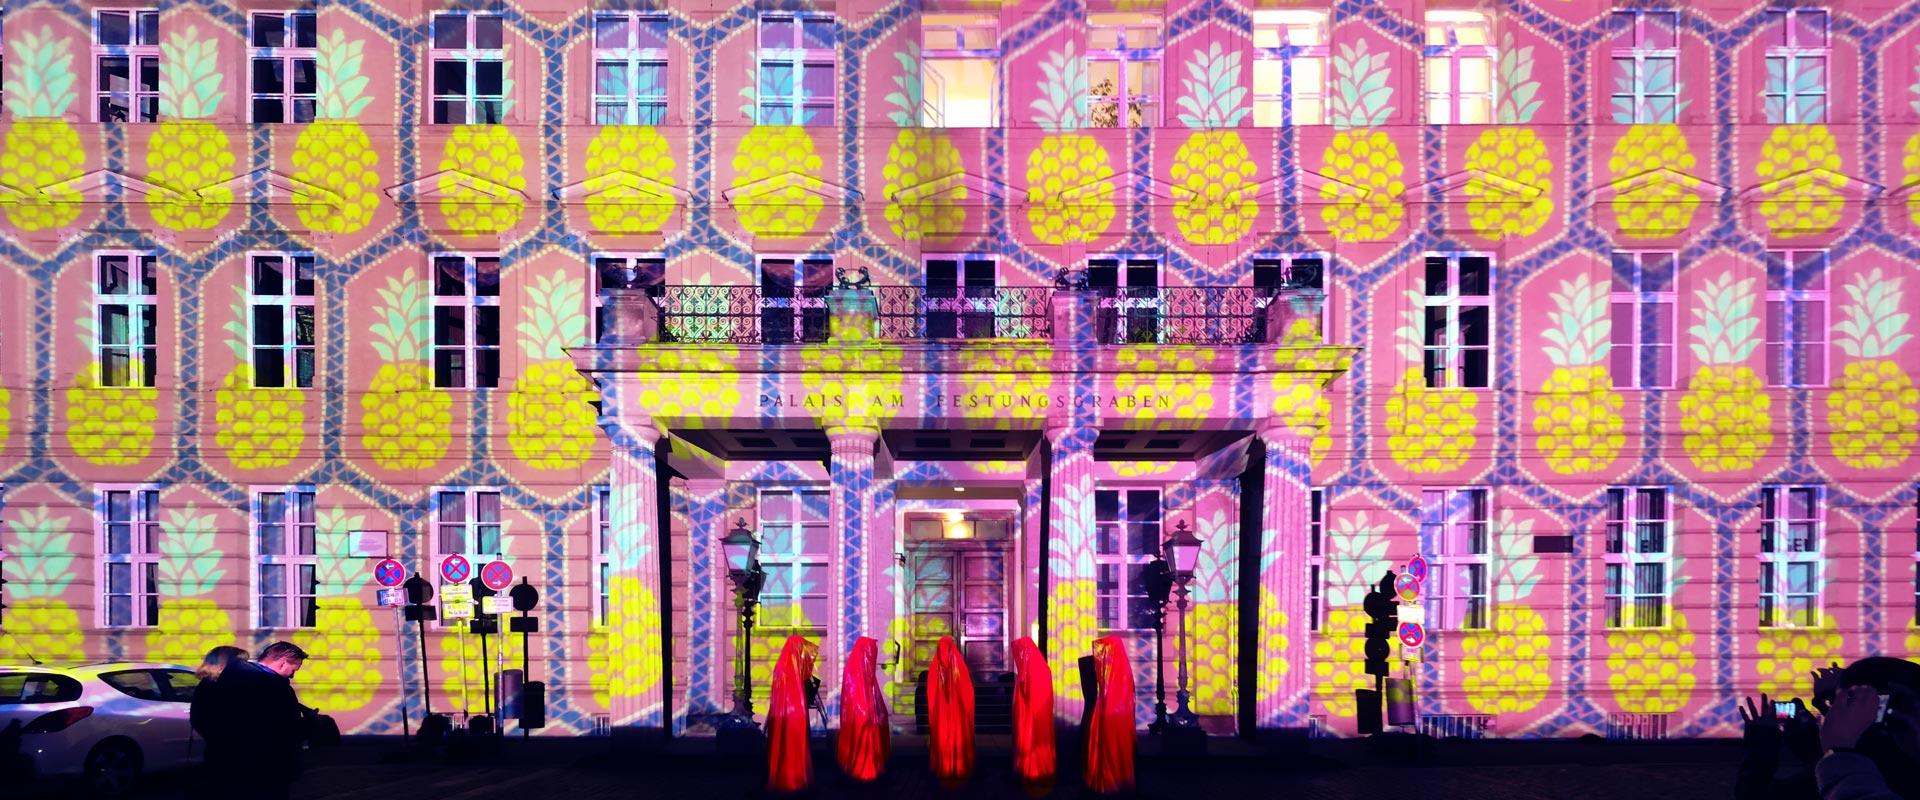 Berlin leuchtet!